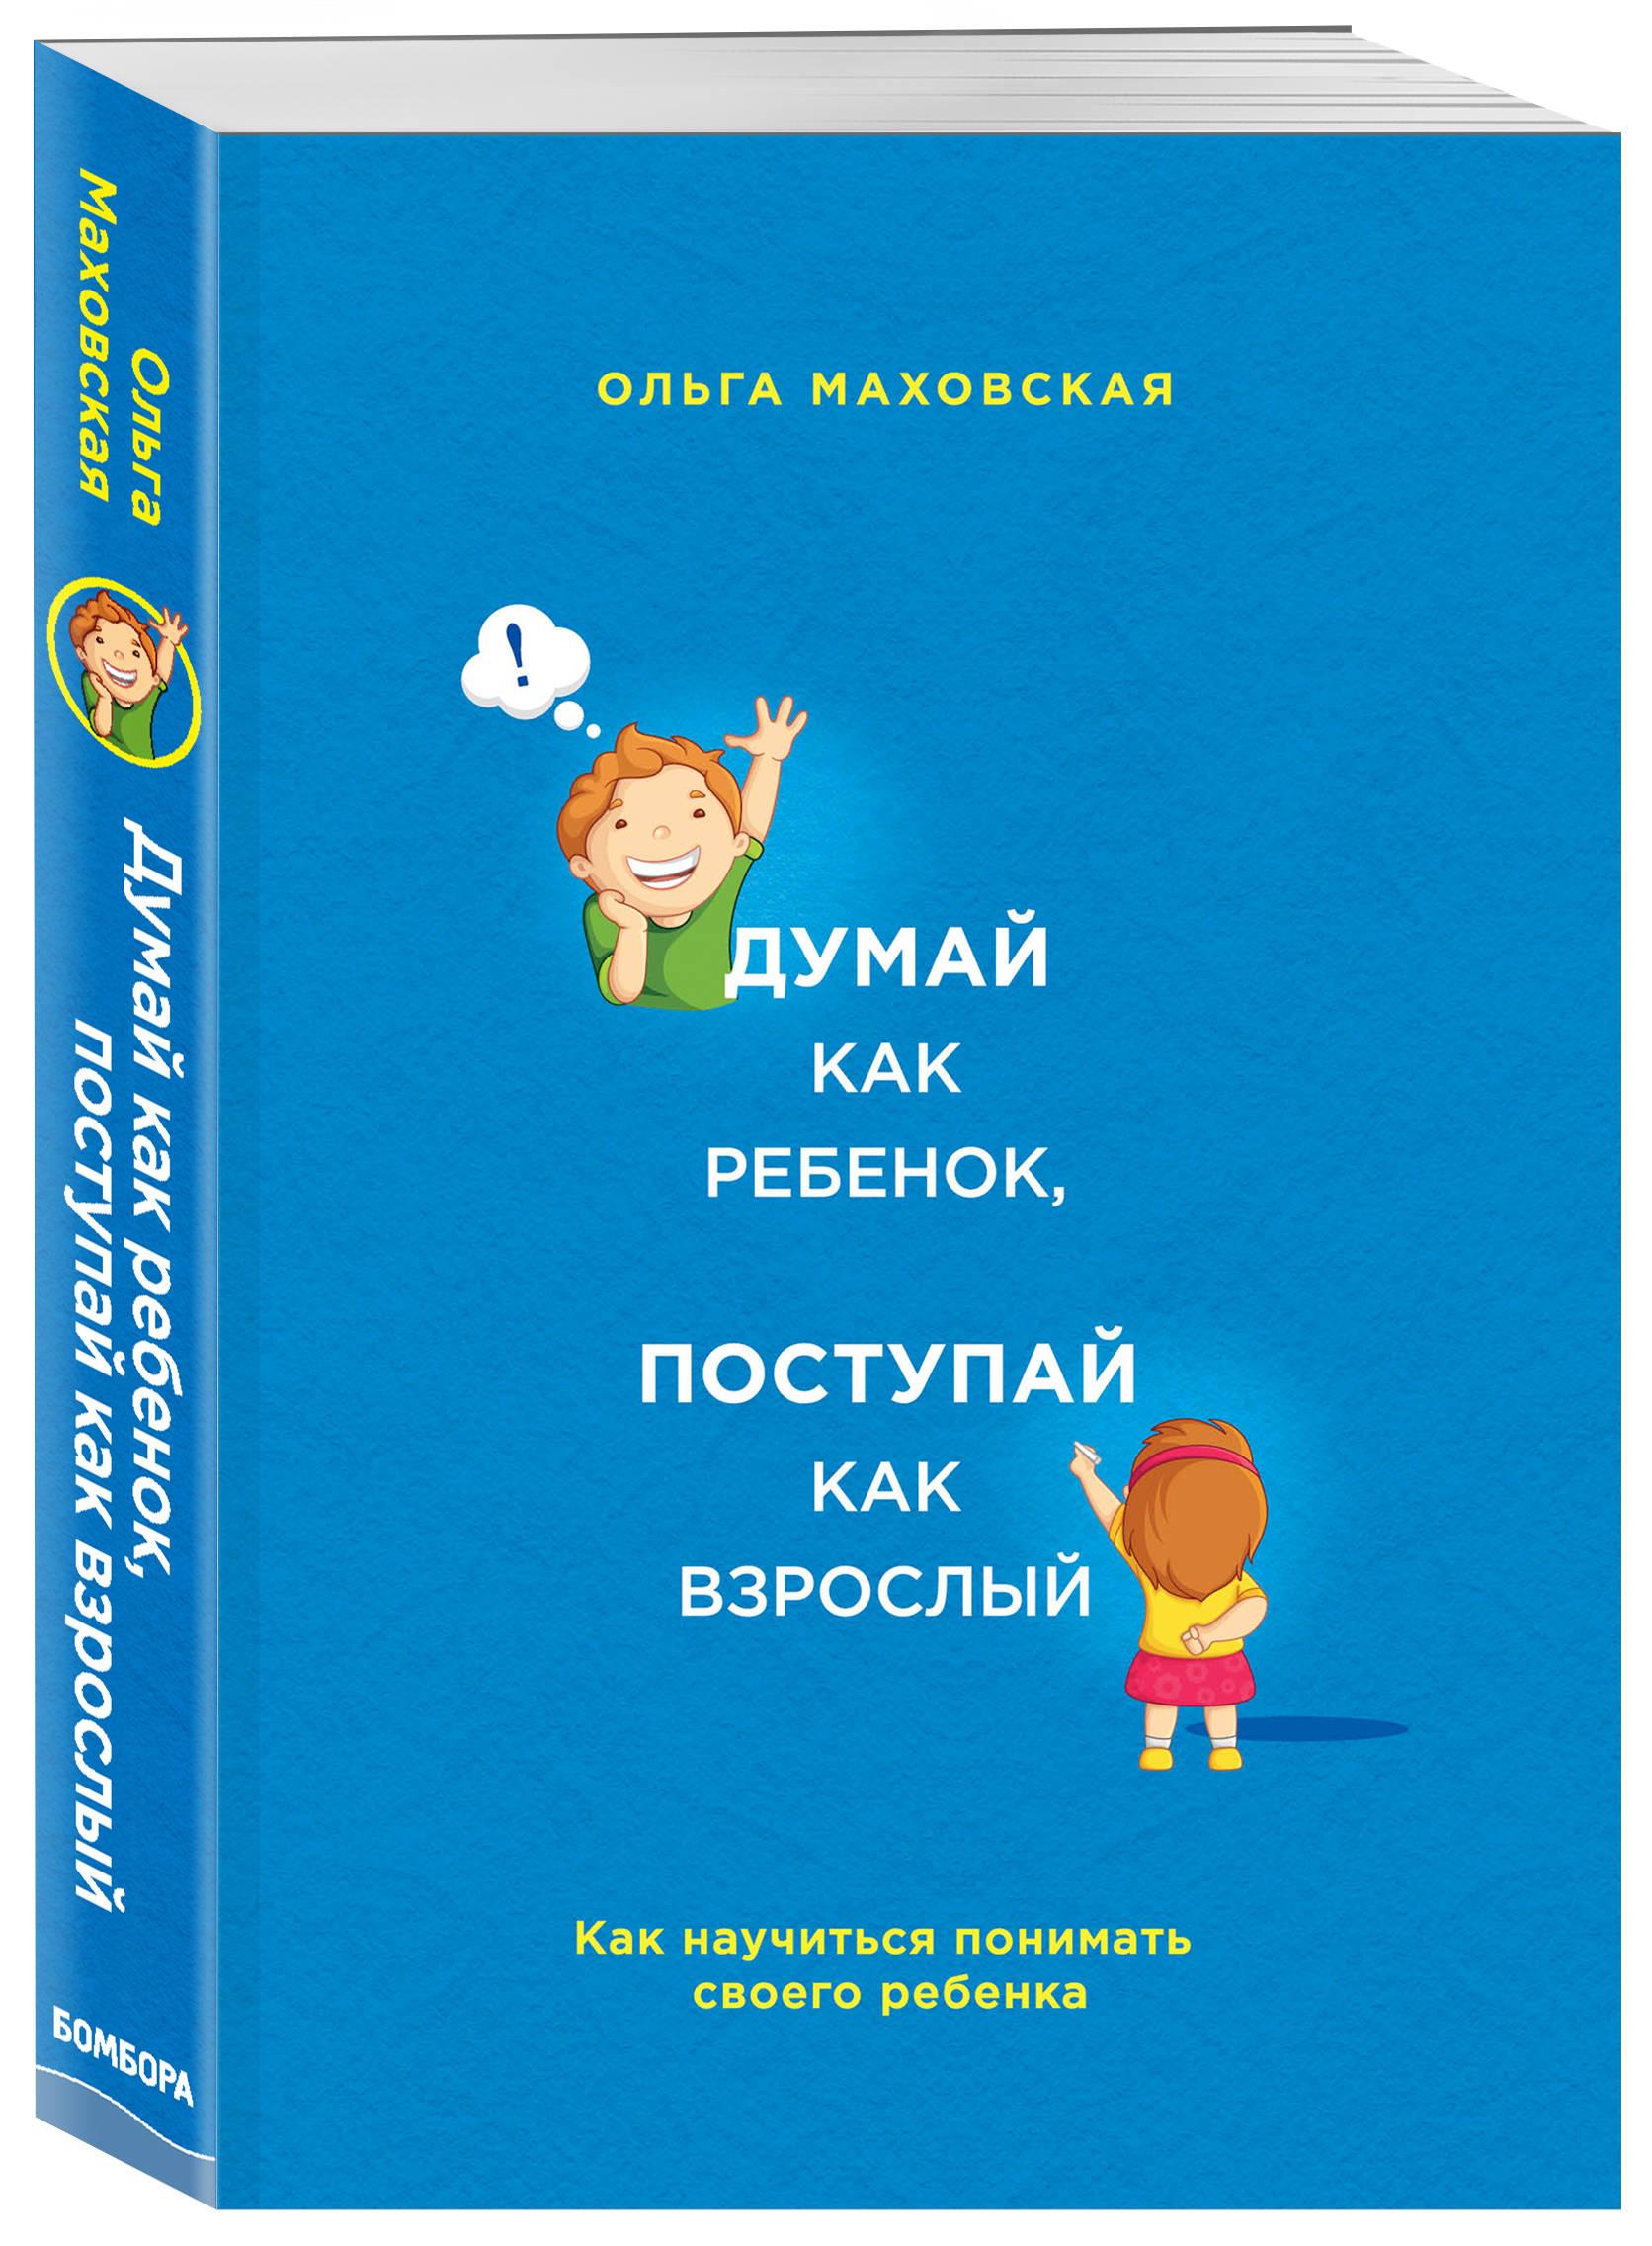 Маховская О.И. Думай как ребенок, поступай как взрослый. Как научиться понимать своего ребенка жалобная книга